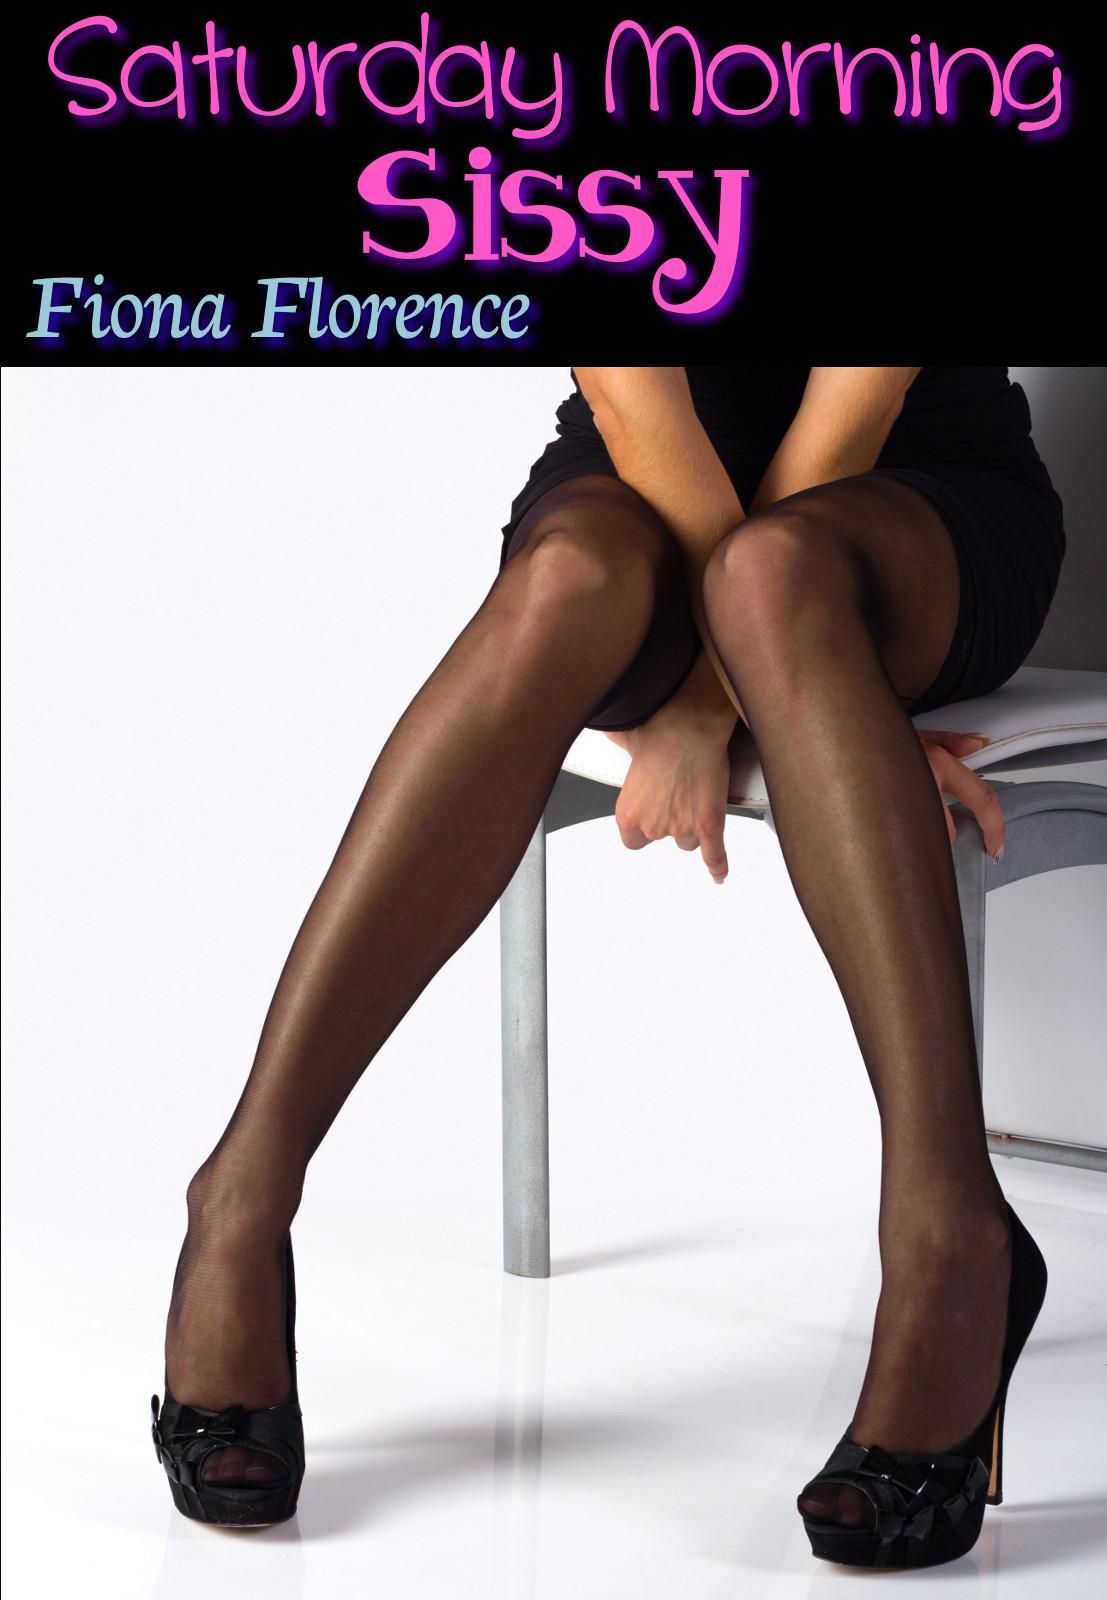 Фото женской ступни в чёрных чулках 6 фотография